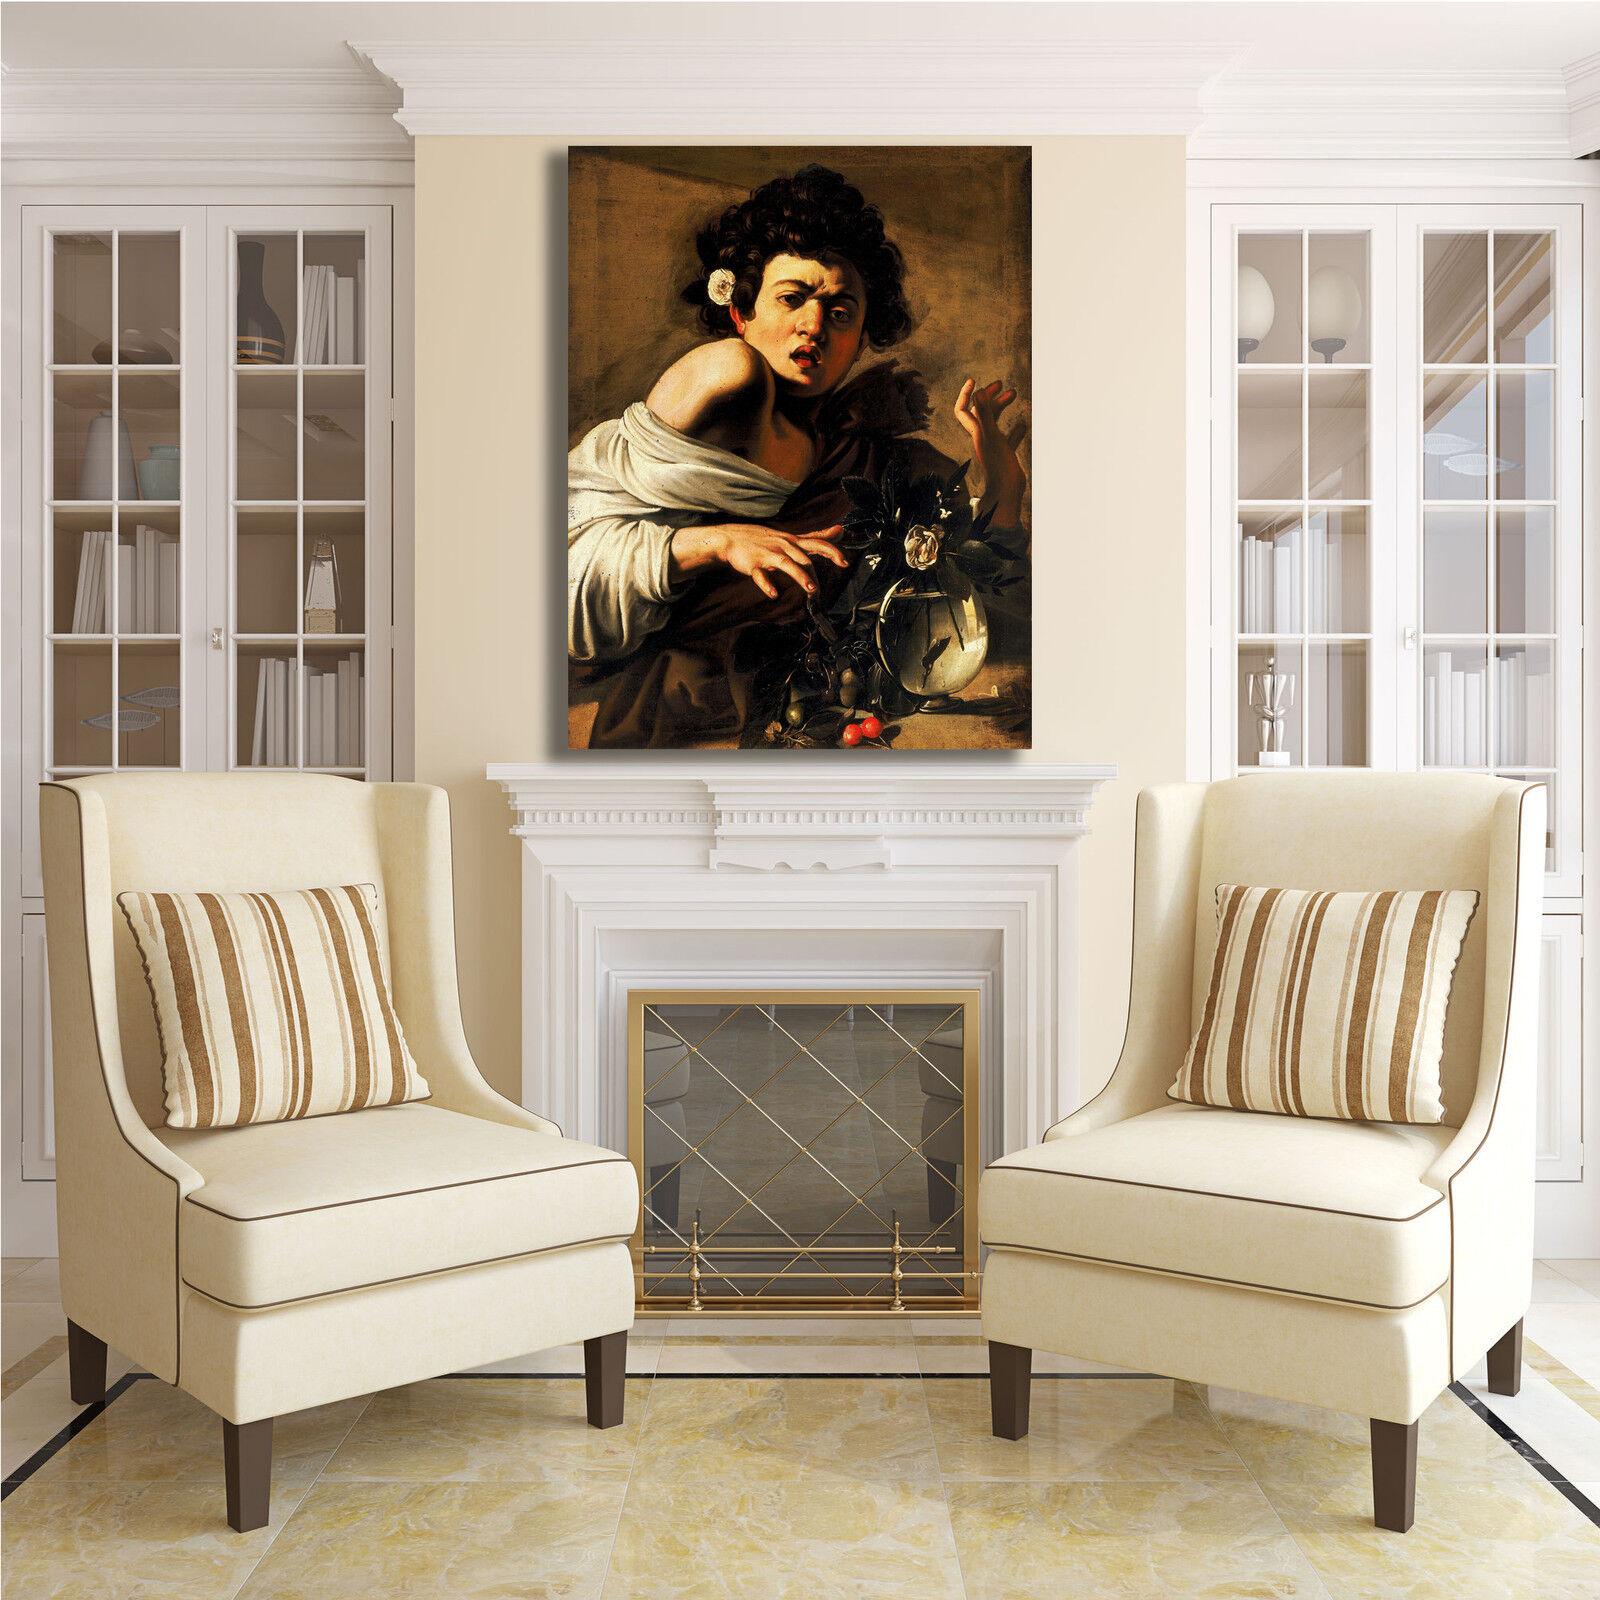 Caravaggio ragazzo morso da ramarro quadro stampa tela dipinto o arRouge o dipinto casa efa6de